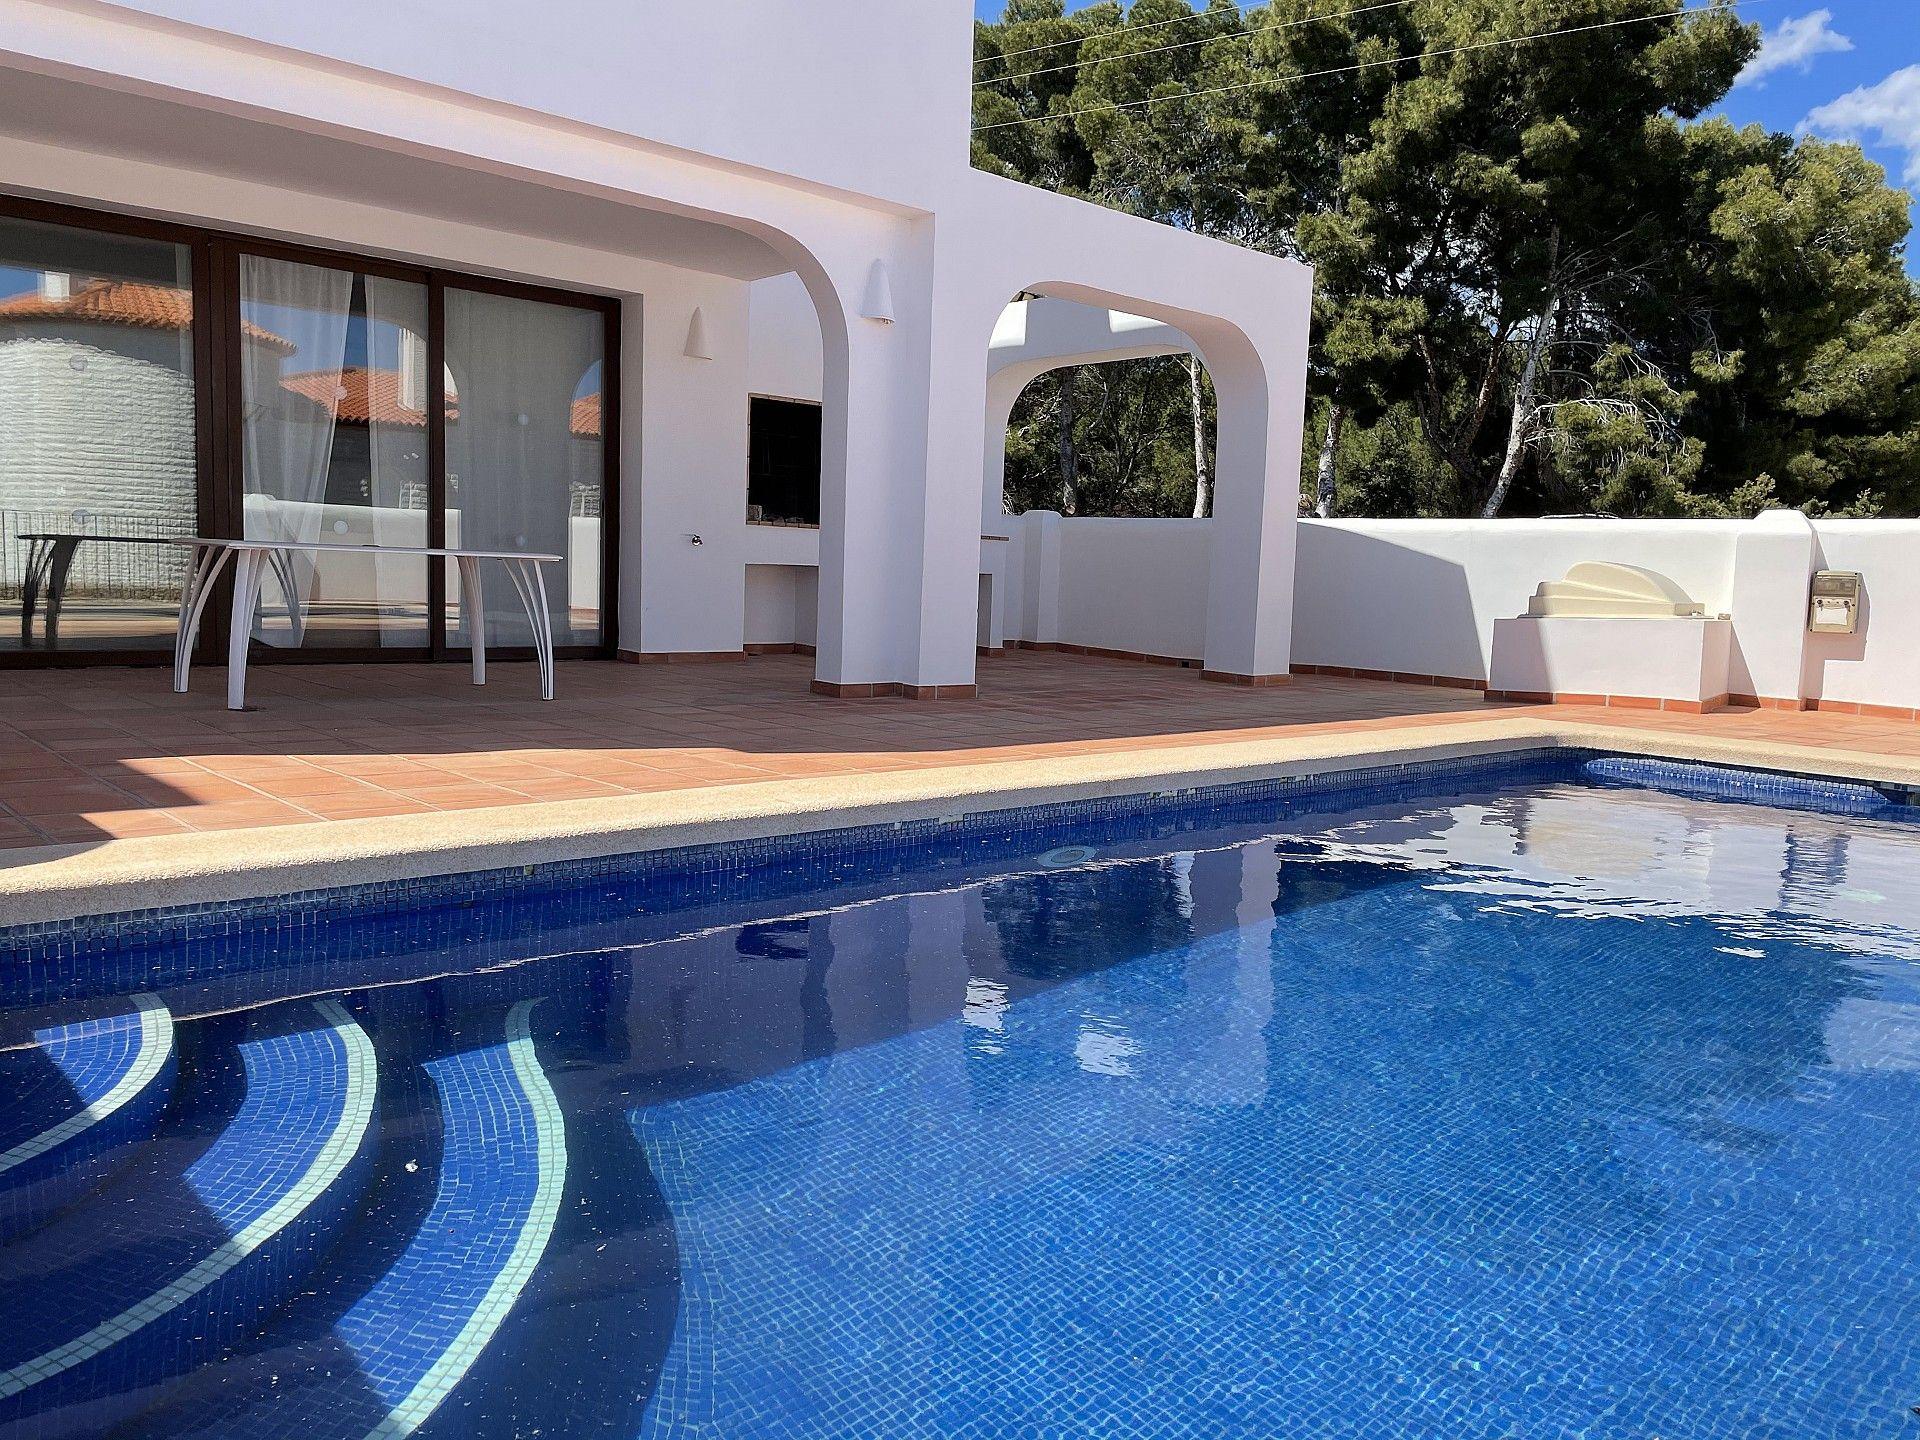 w_te-koop-huis-costa-blanca-benissa-calpe-zeezicht-h4003-07-2.jpeg